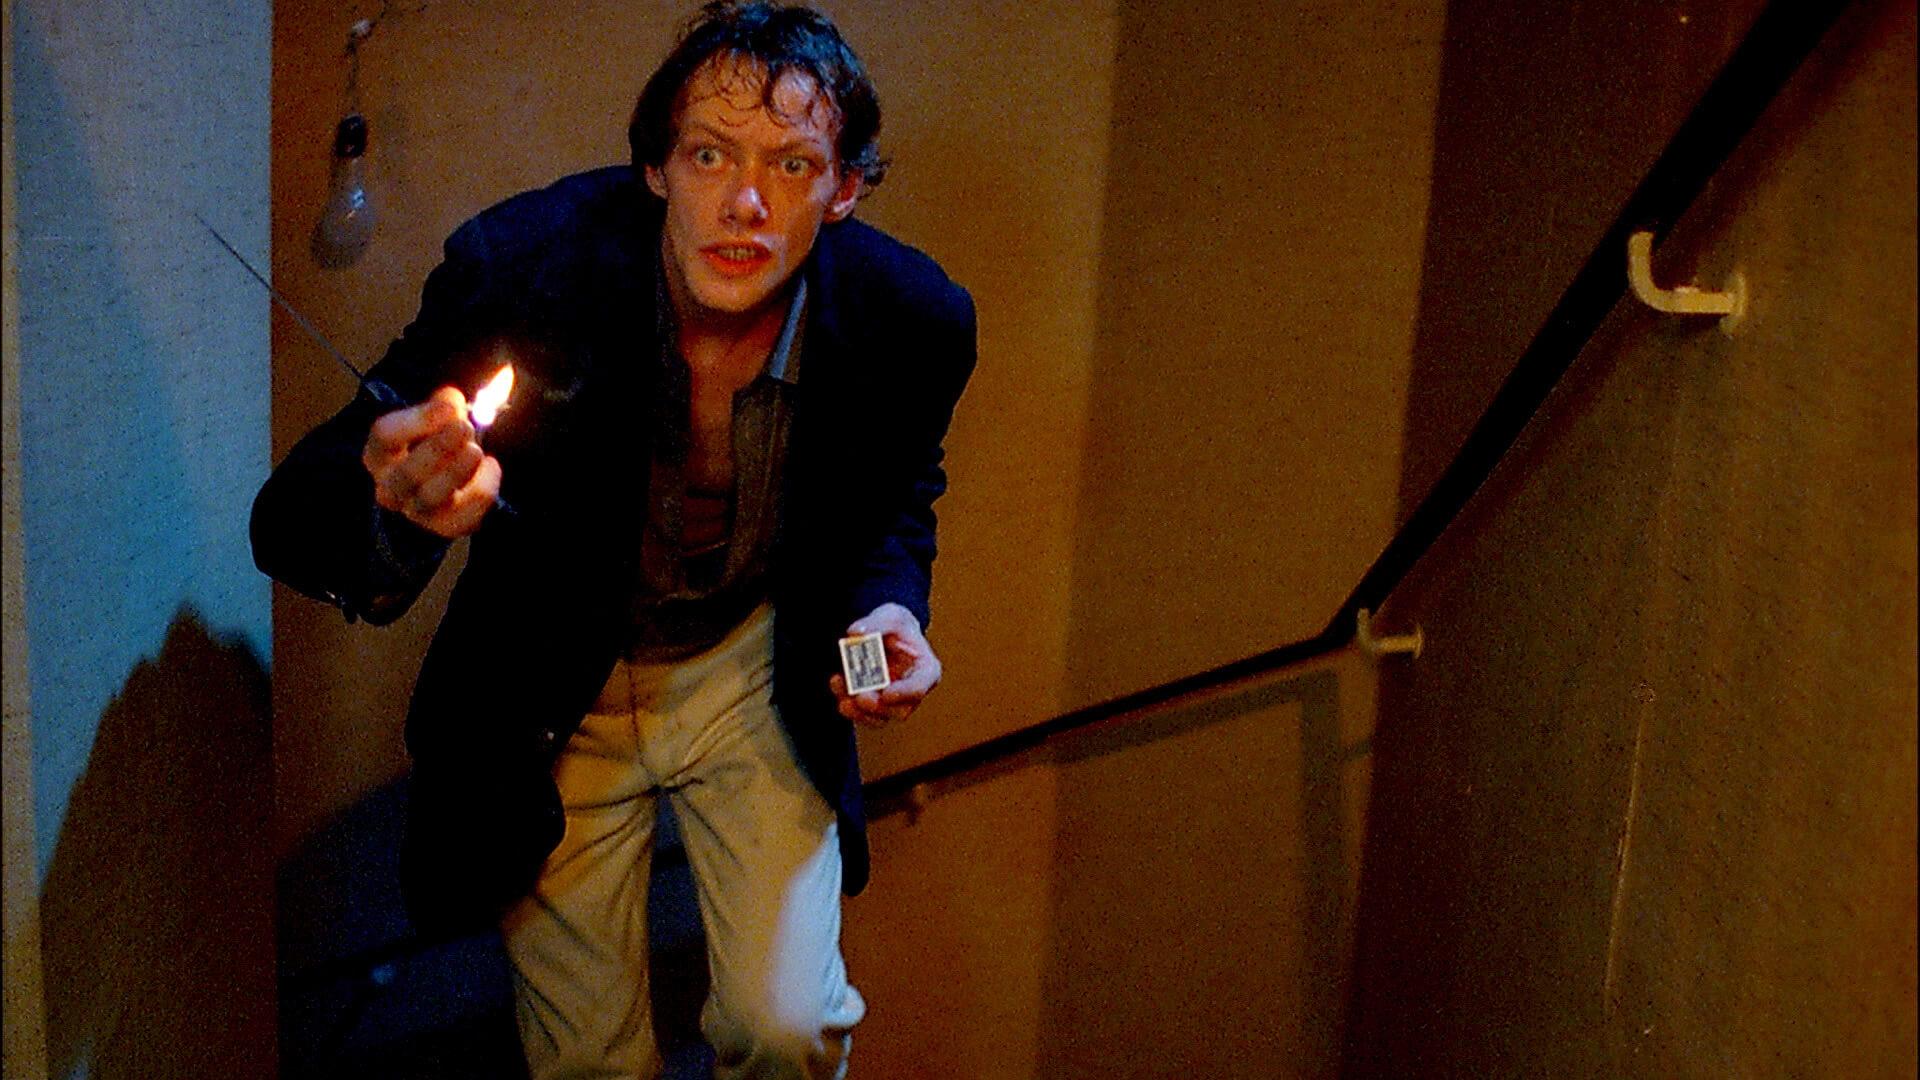 忍び寄る男が手にするものとは...話題沸騰の狂気的映画『アングスト/不安』の新場面写真&Web限定ビジュアルが解禁 film200609_angst_5